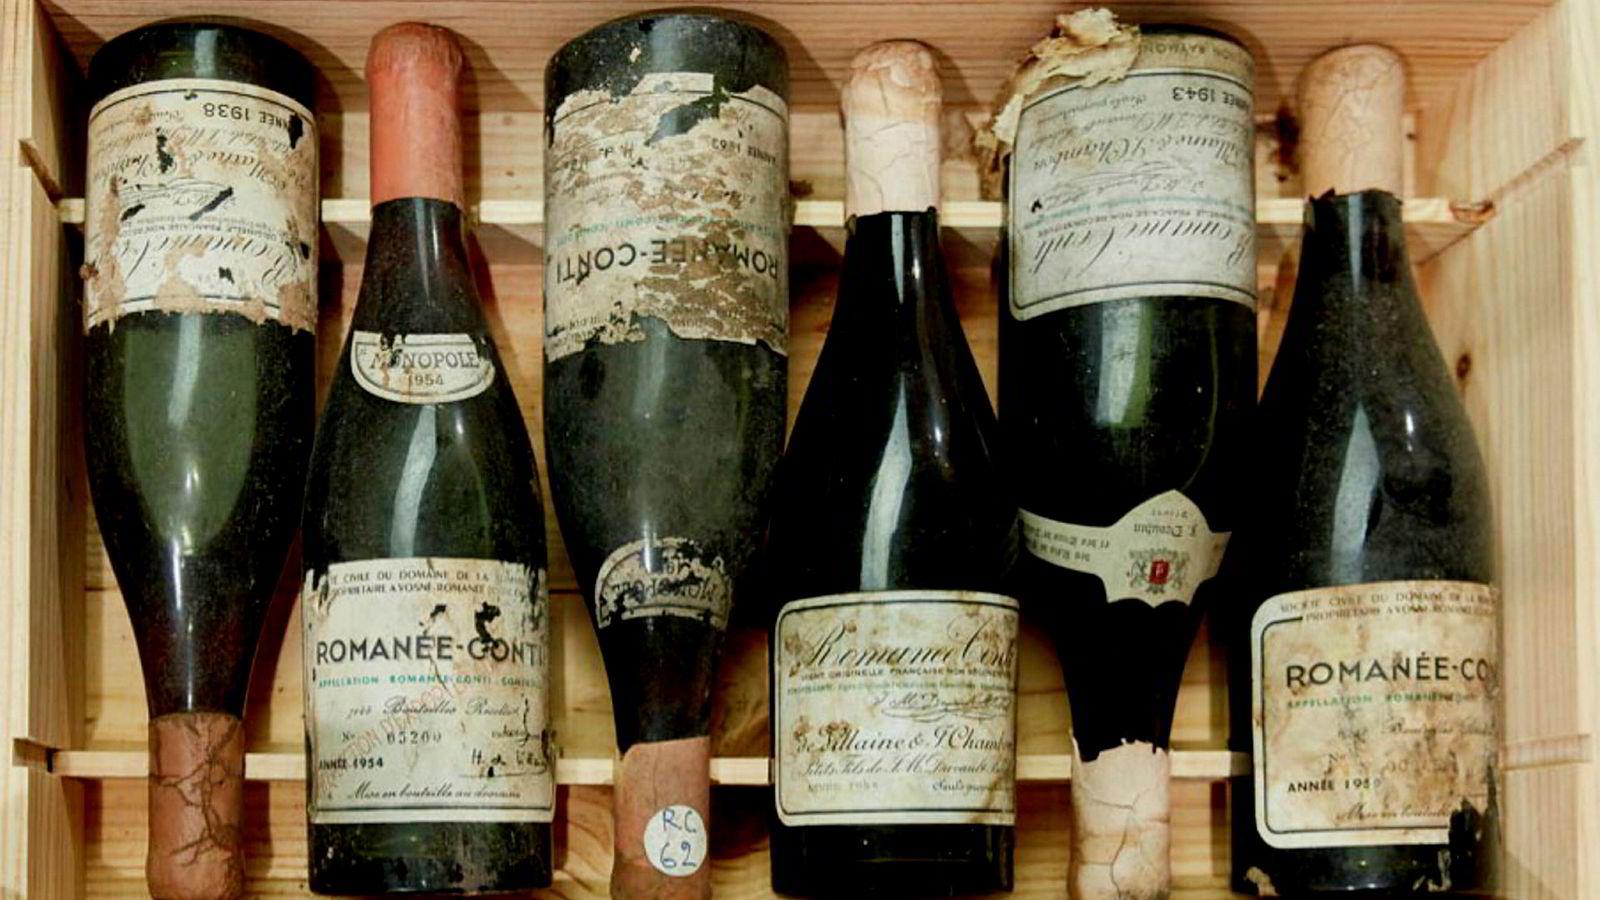 Flere Romanée-Conti-viner ble solgt på Sothebys lørdag.